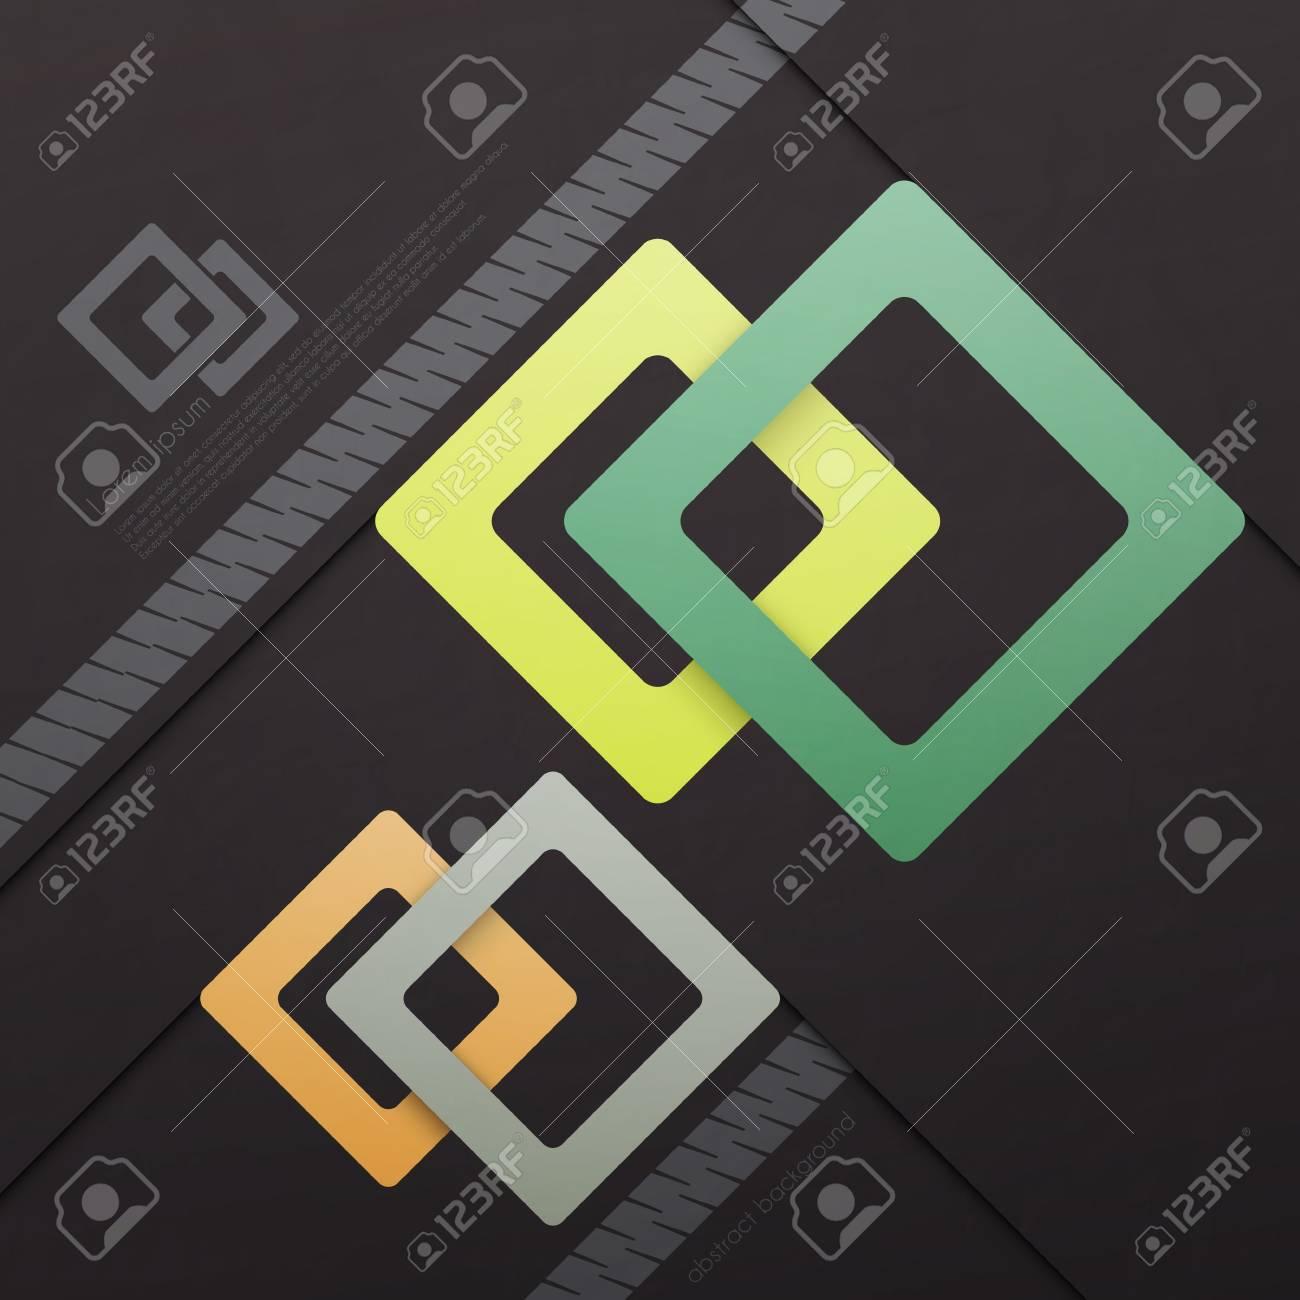 Fondo Abstracto Con Cuadrados De Colores Sobre Papel De Textura ...